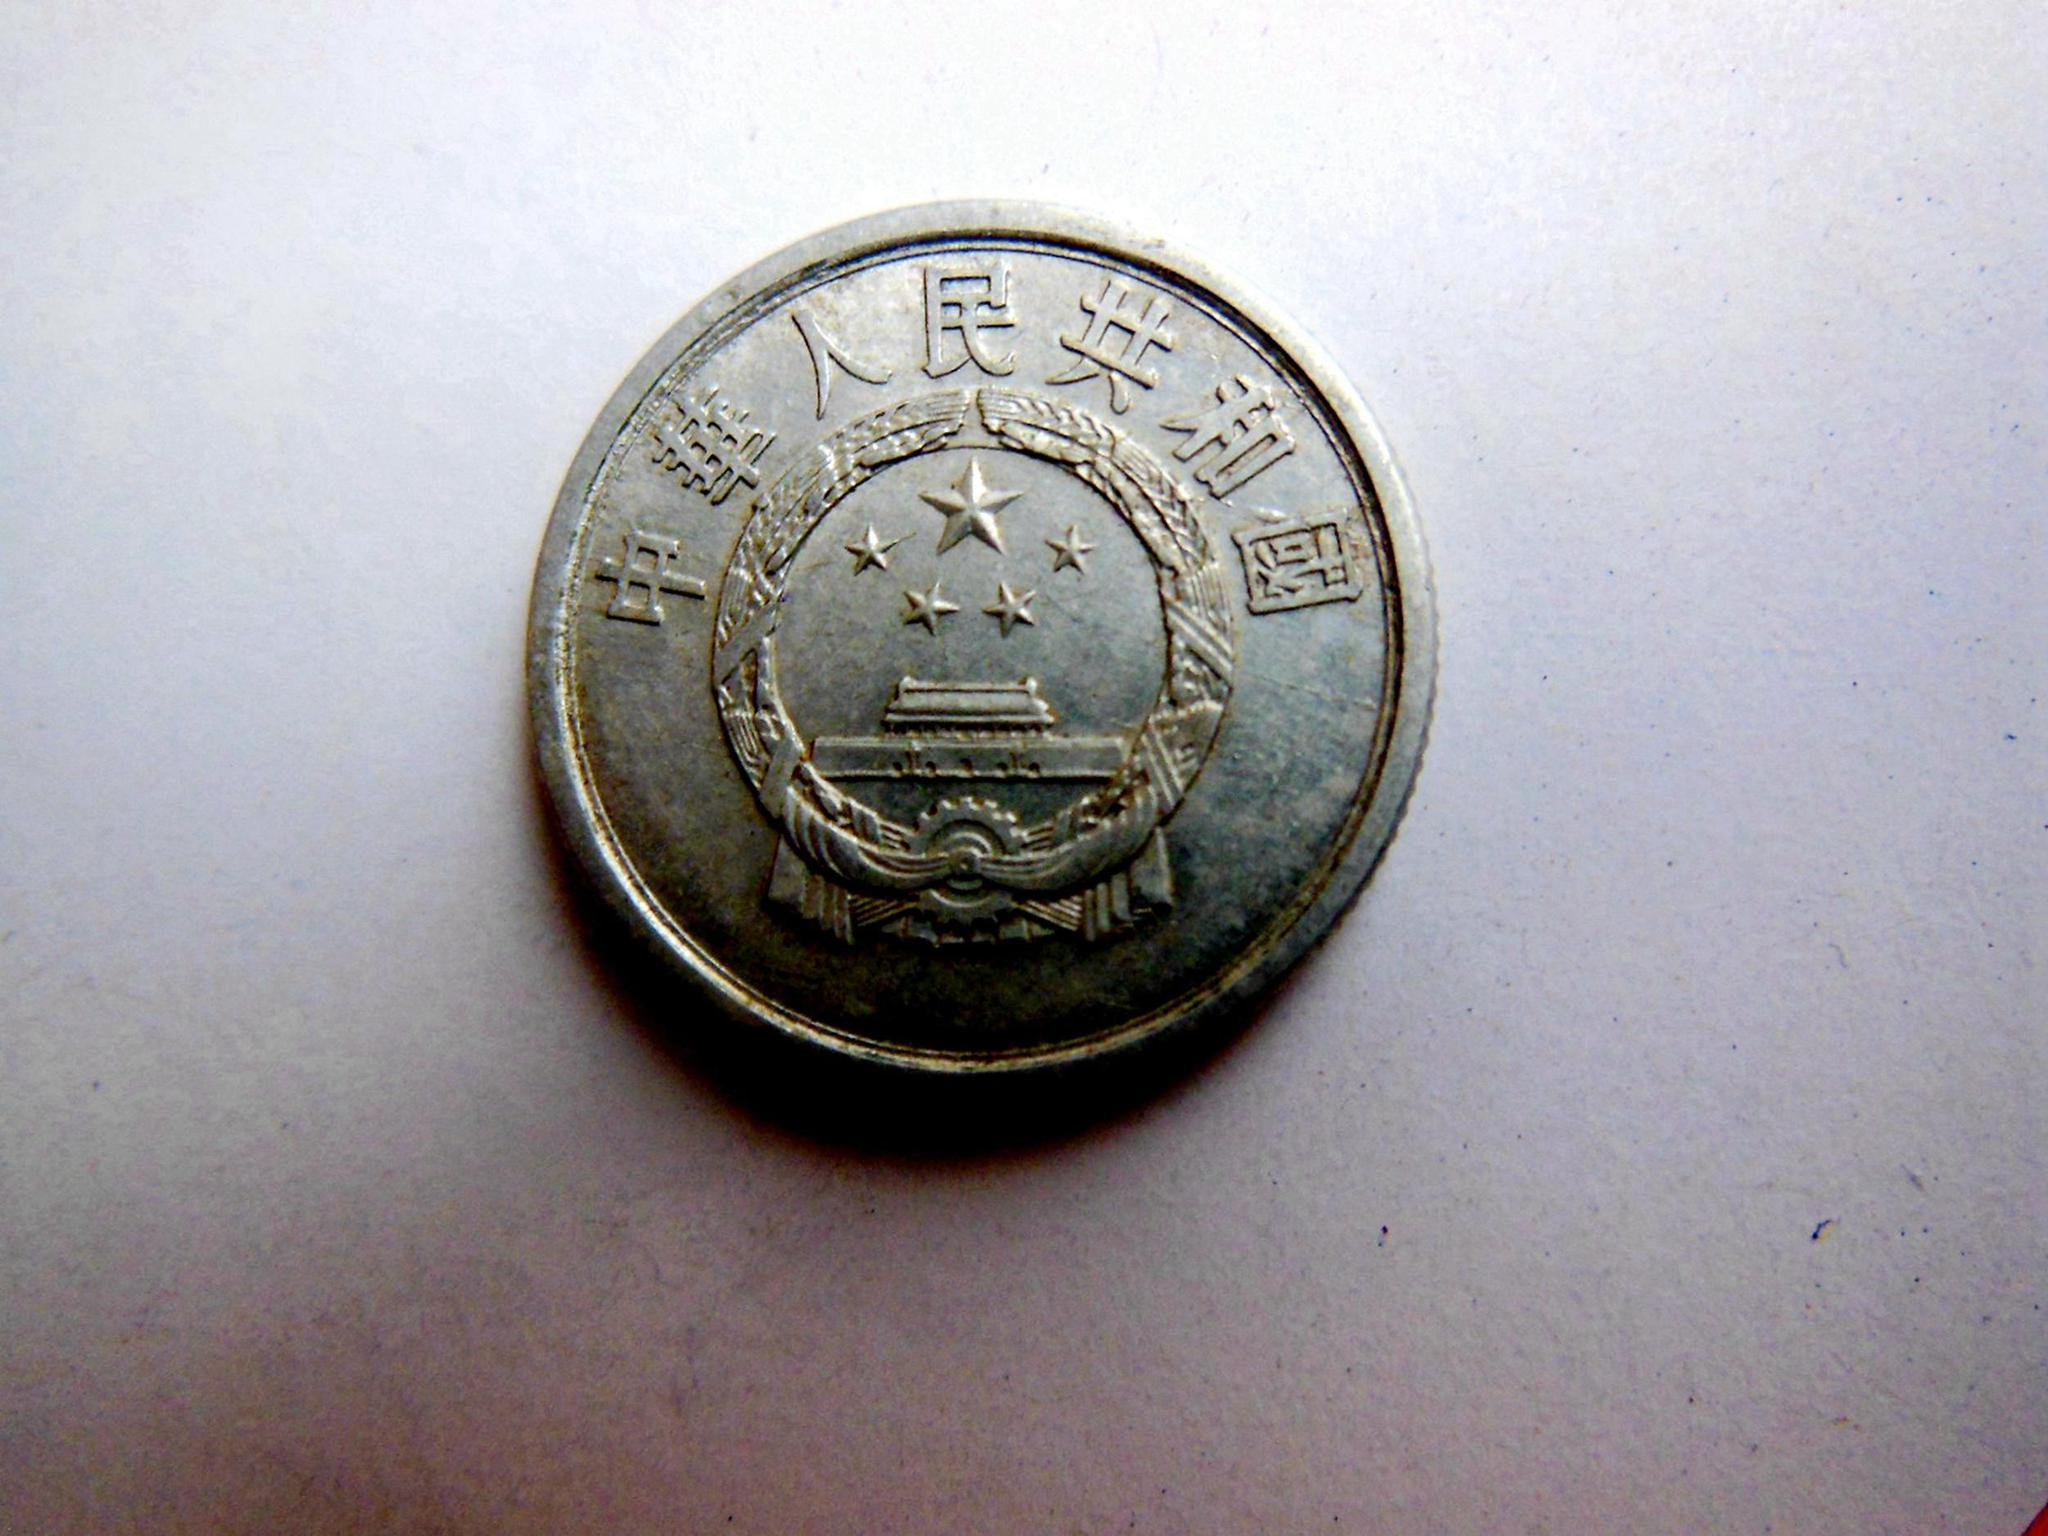 1978年2分硬币值多少钱?单枚涨了40000倍以上,你家里有吗?